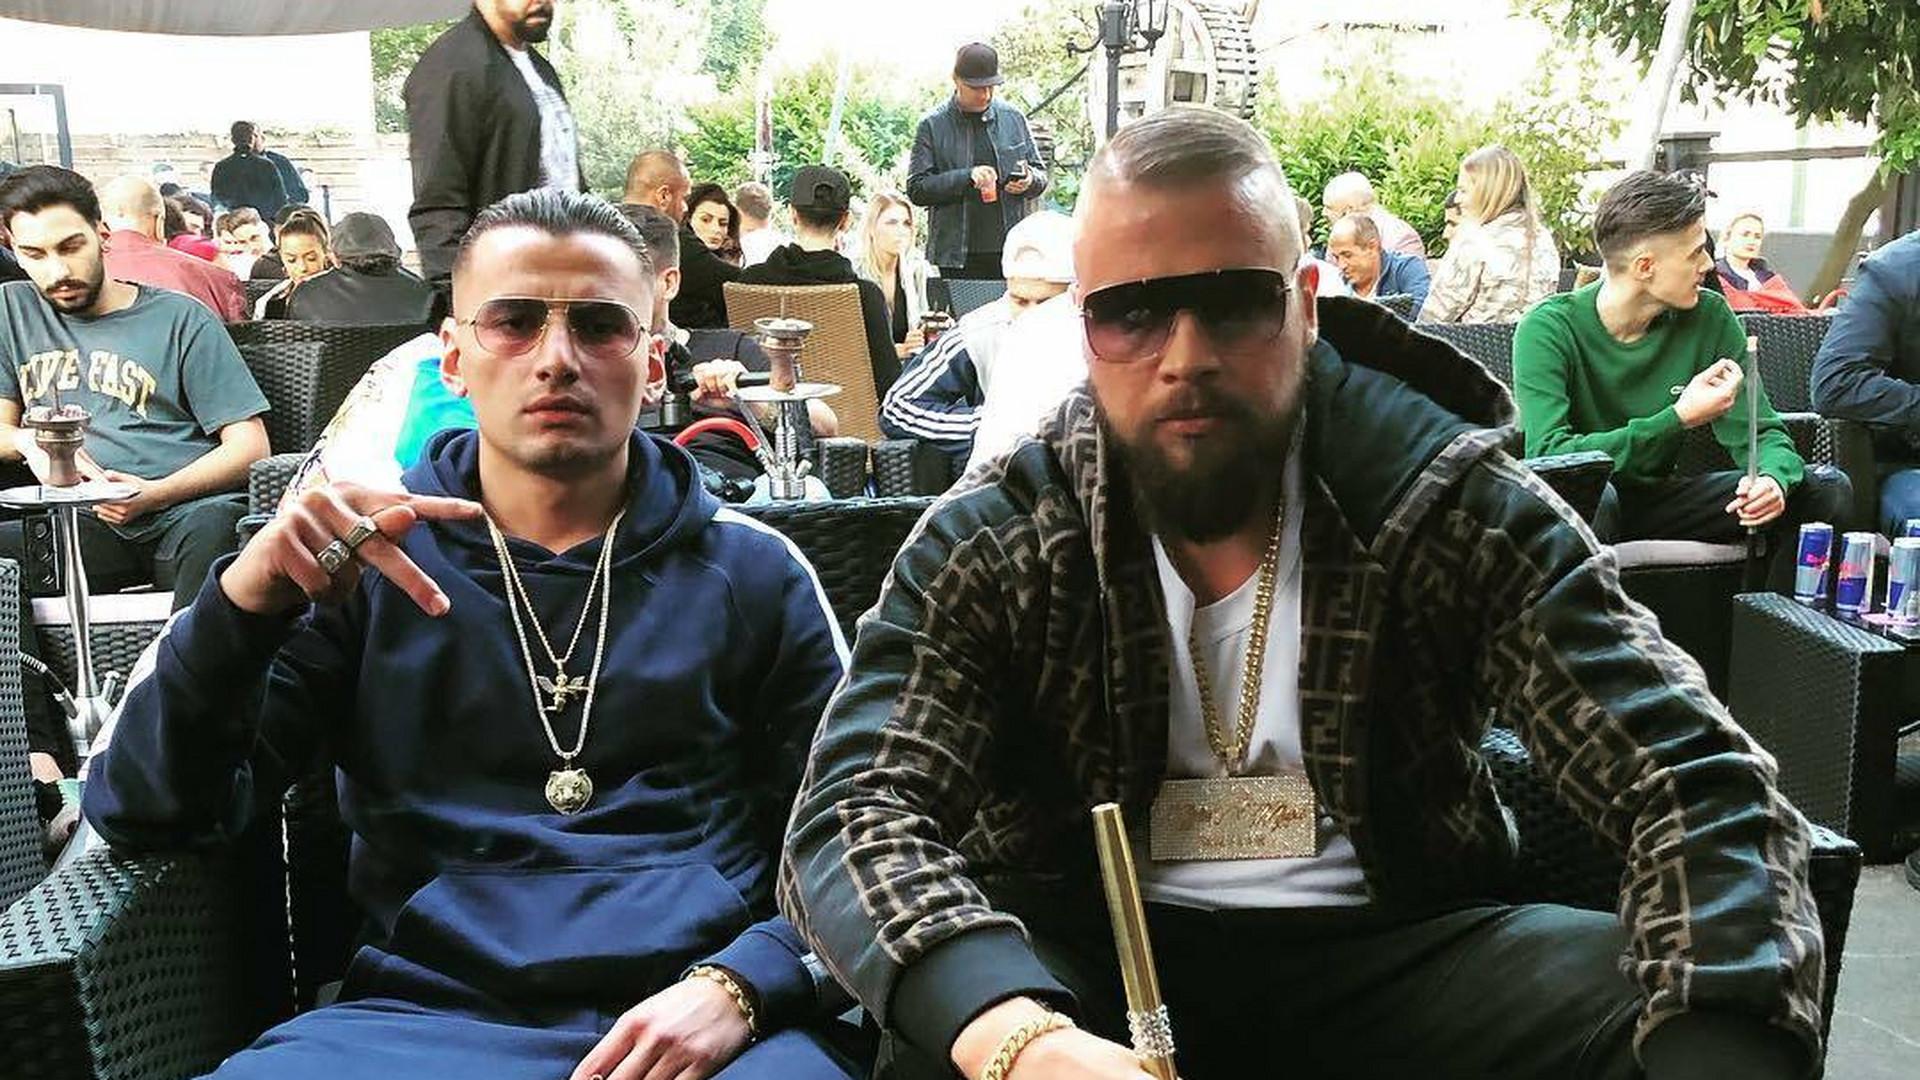 Razzia in Düsseldorf: Polizei beschlagnahmt Tabak in Shisha-Bar von Rapper Kollegah